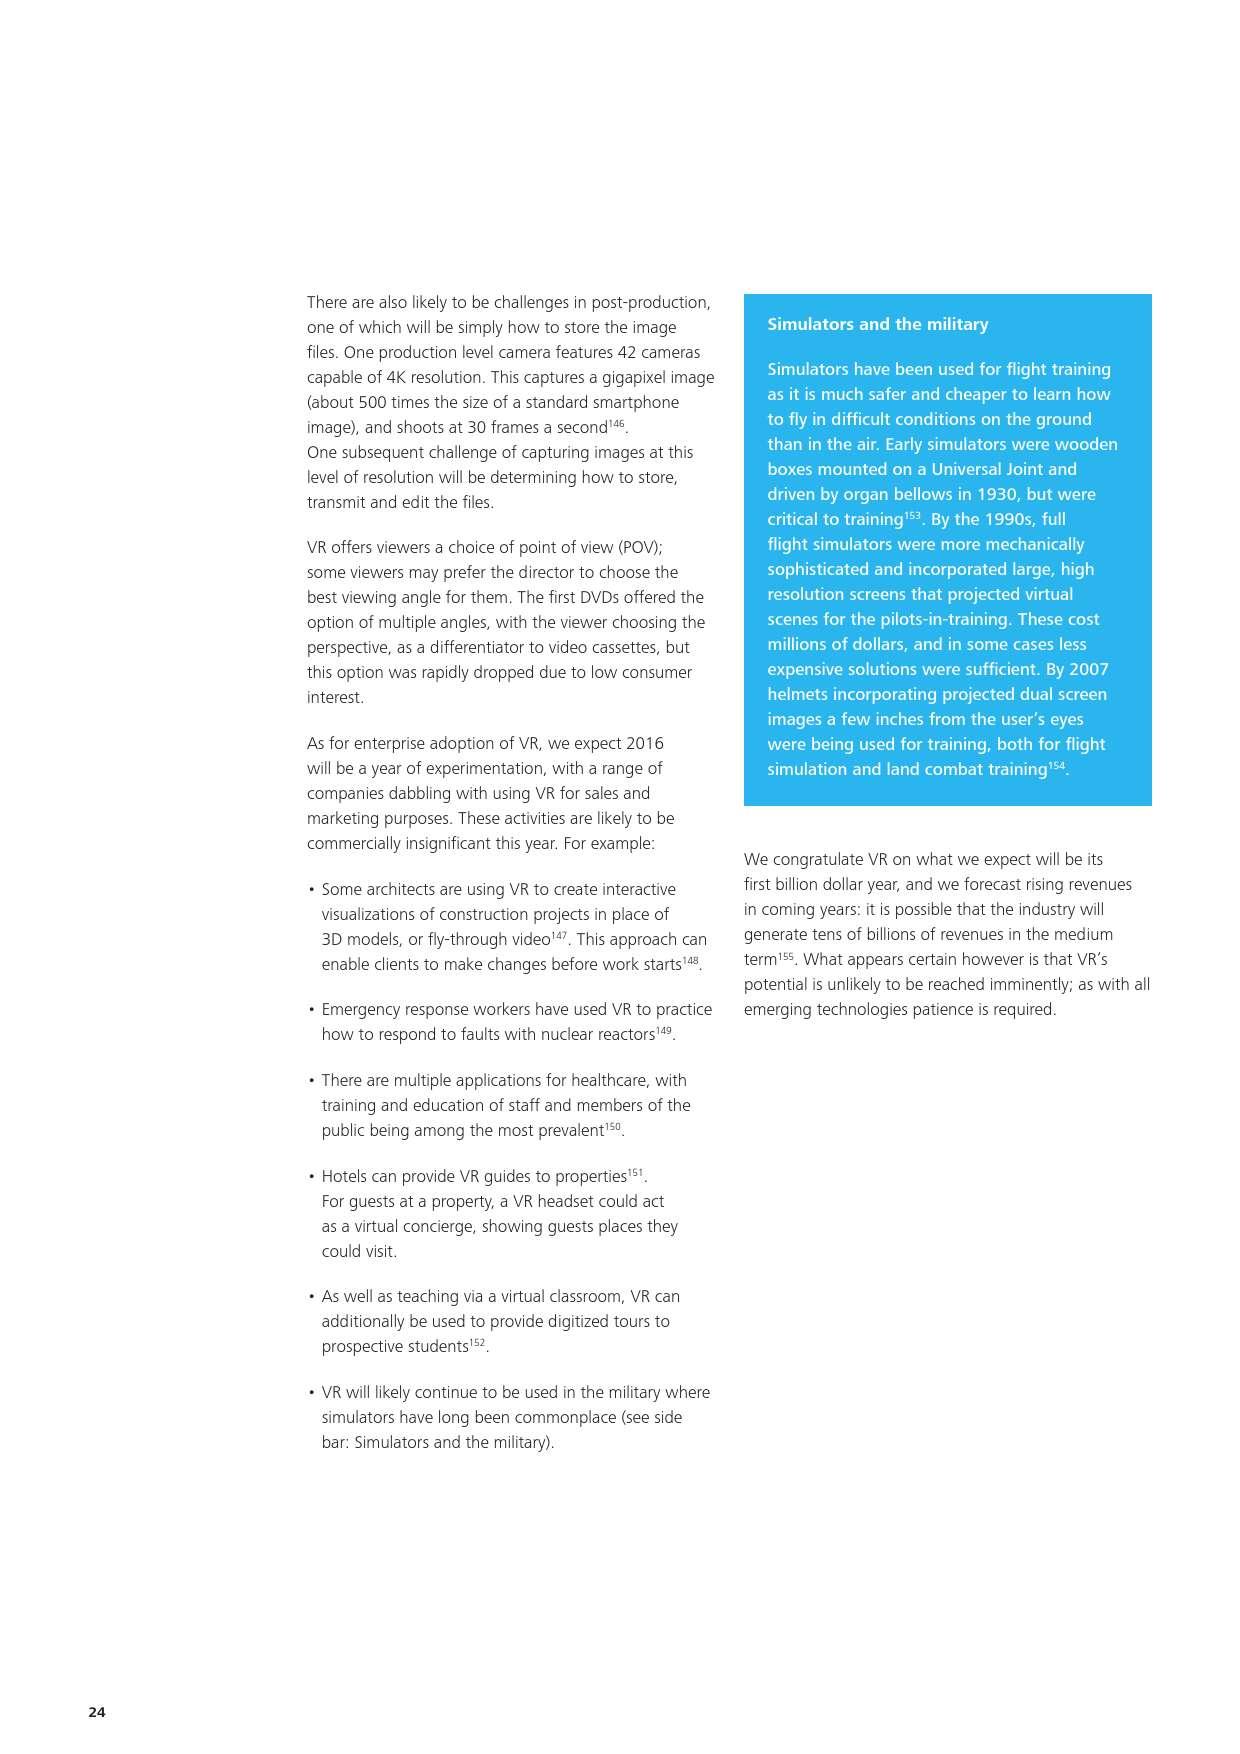 德勤:2016科技、传媒和电信行业预测_000026